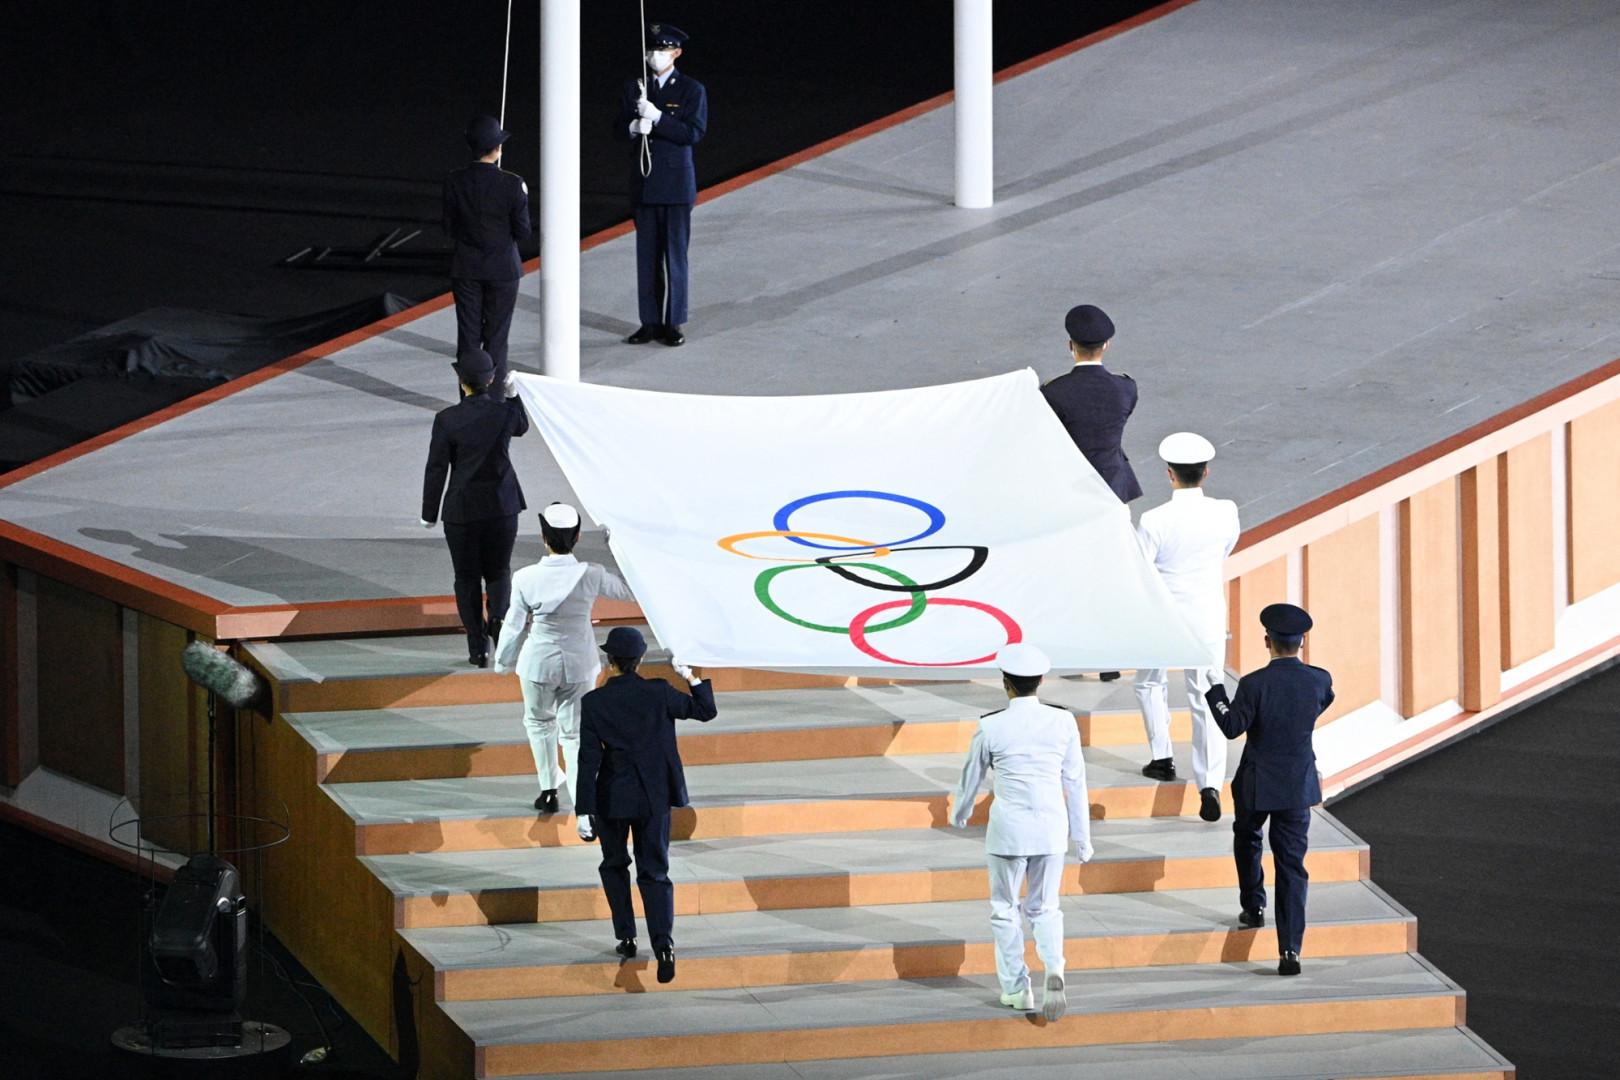 Le drapeau olympique avant qu'il ne soit hissé à côté du drapeau japonais